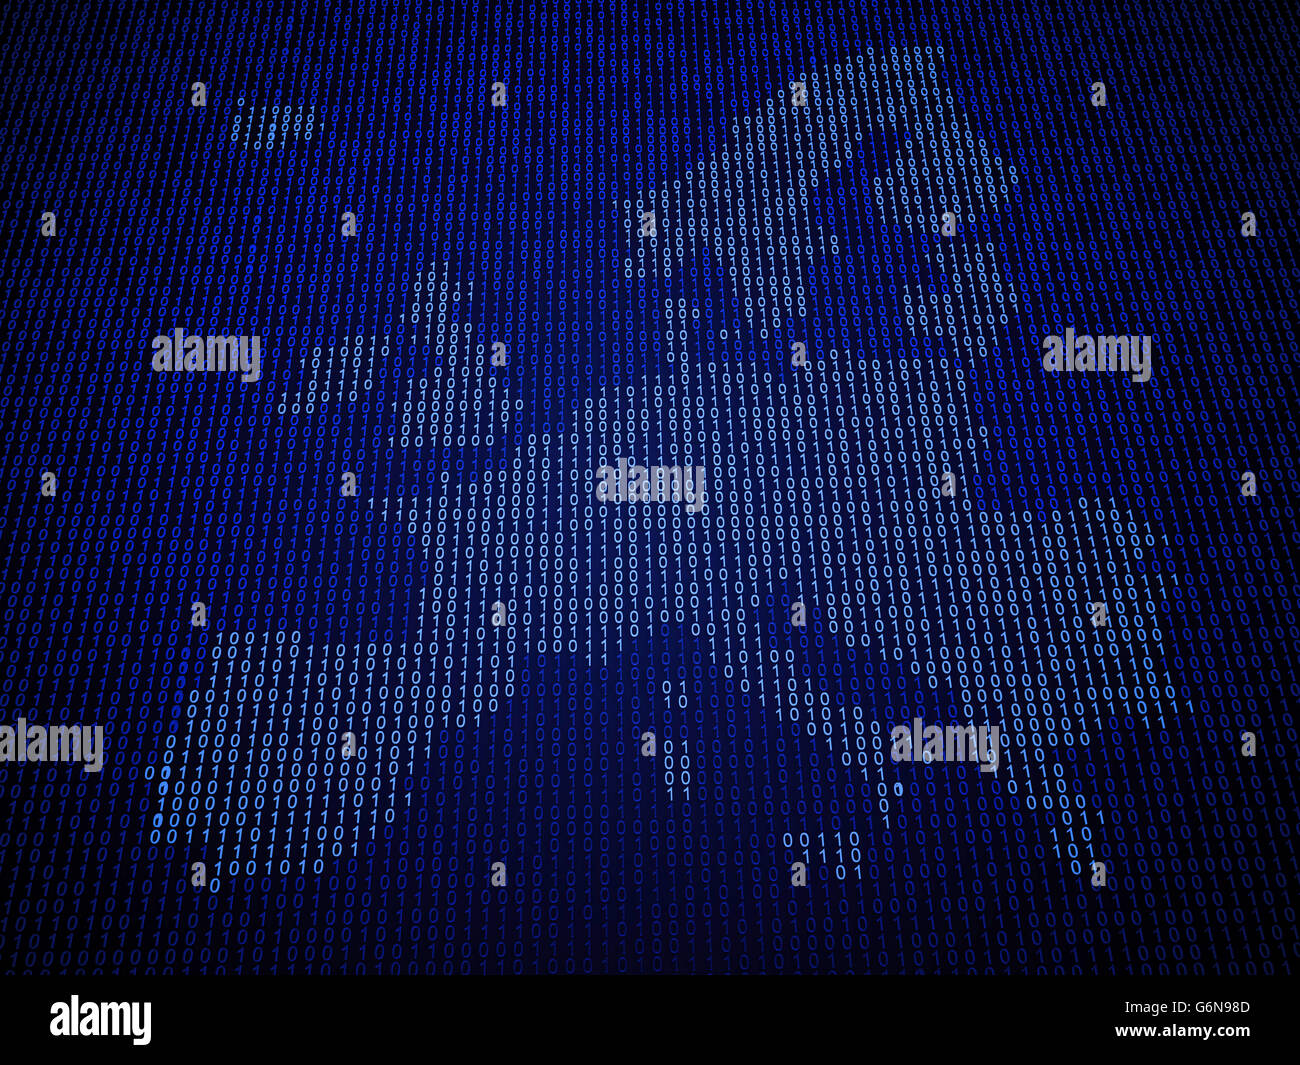 Unione Europea mappa fatta al di fuori del codice binario Immagini Stock